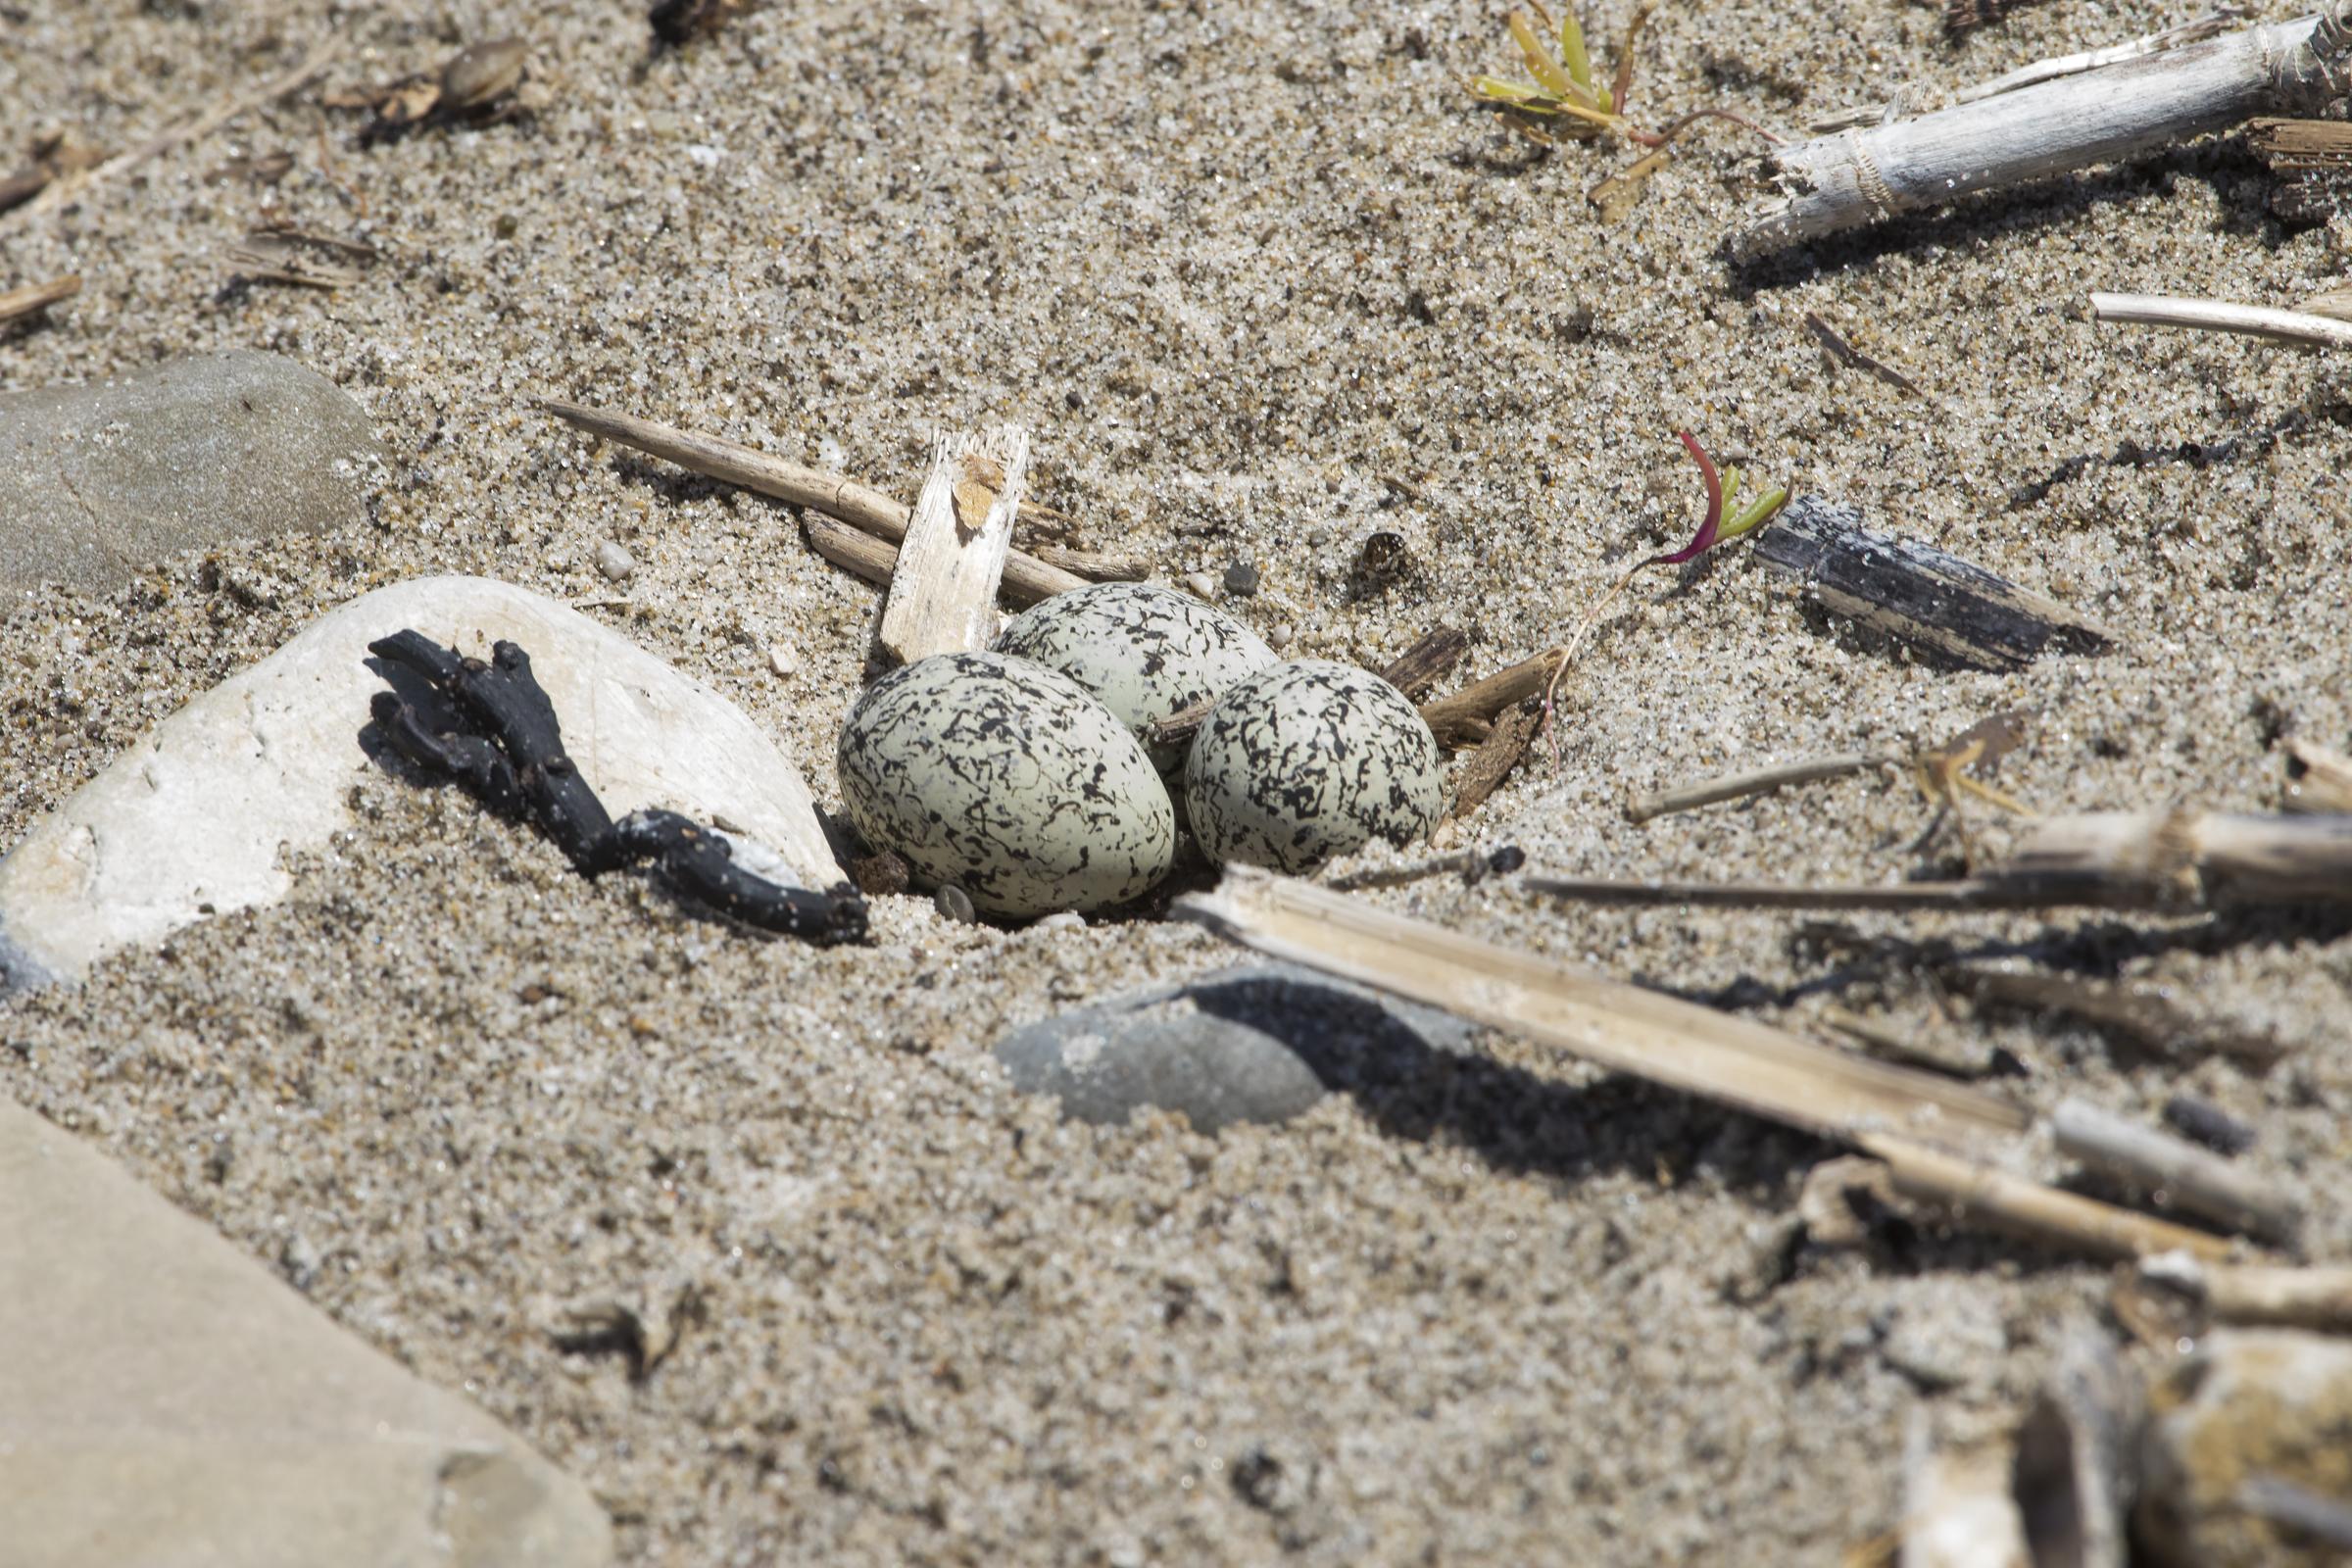 Uova di Fratino in una classica depressione sulla sabbia